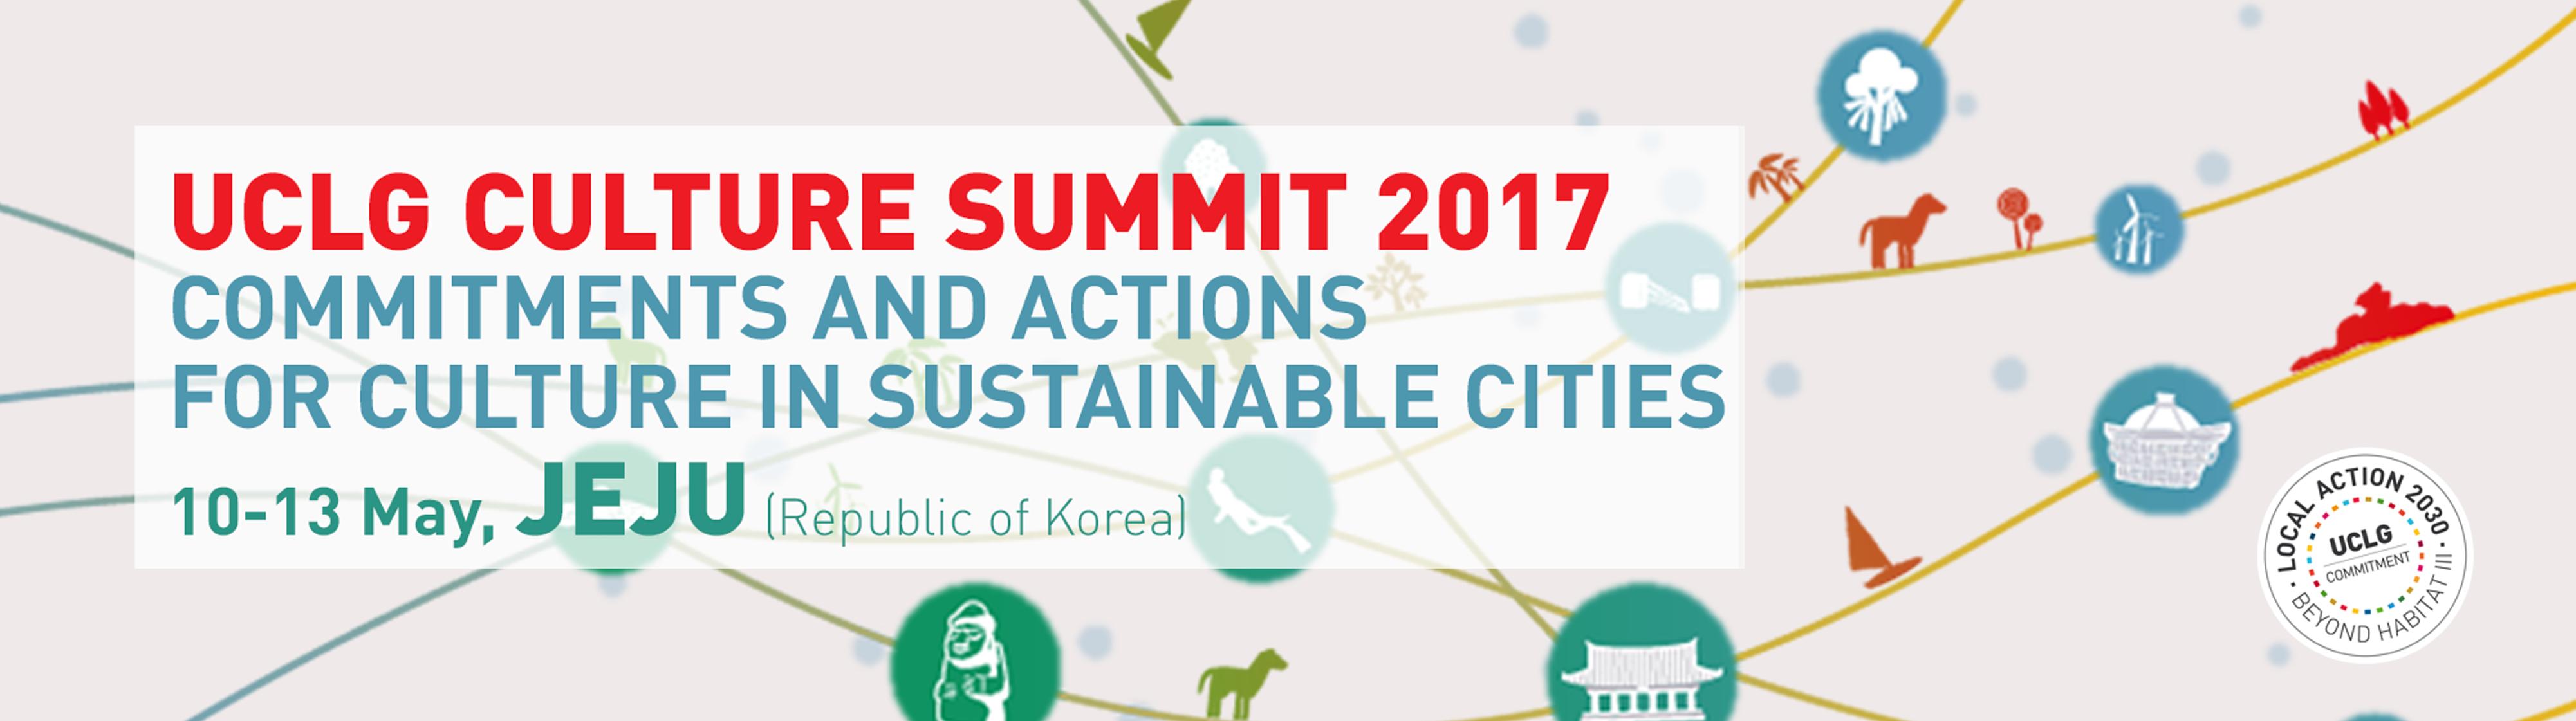 UCLG Culture Summit 2017